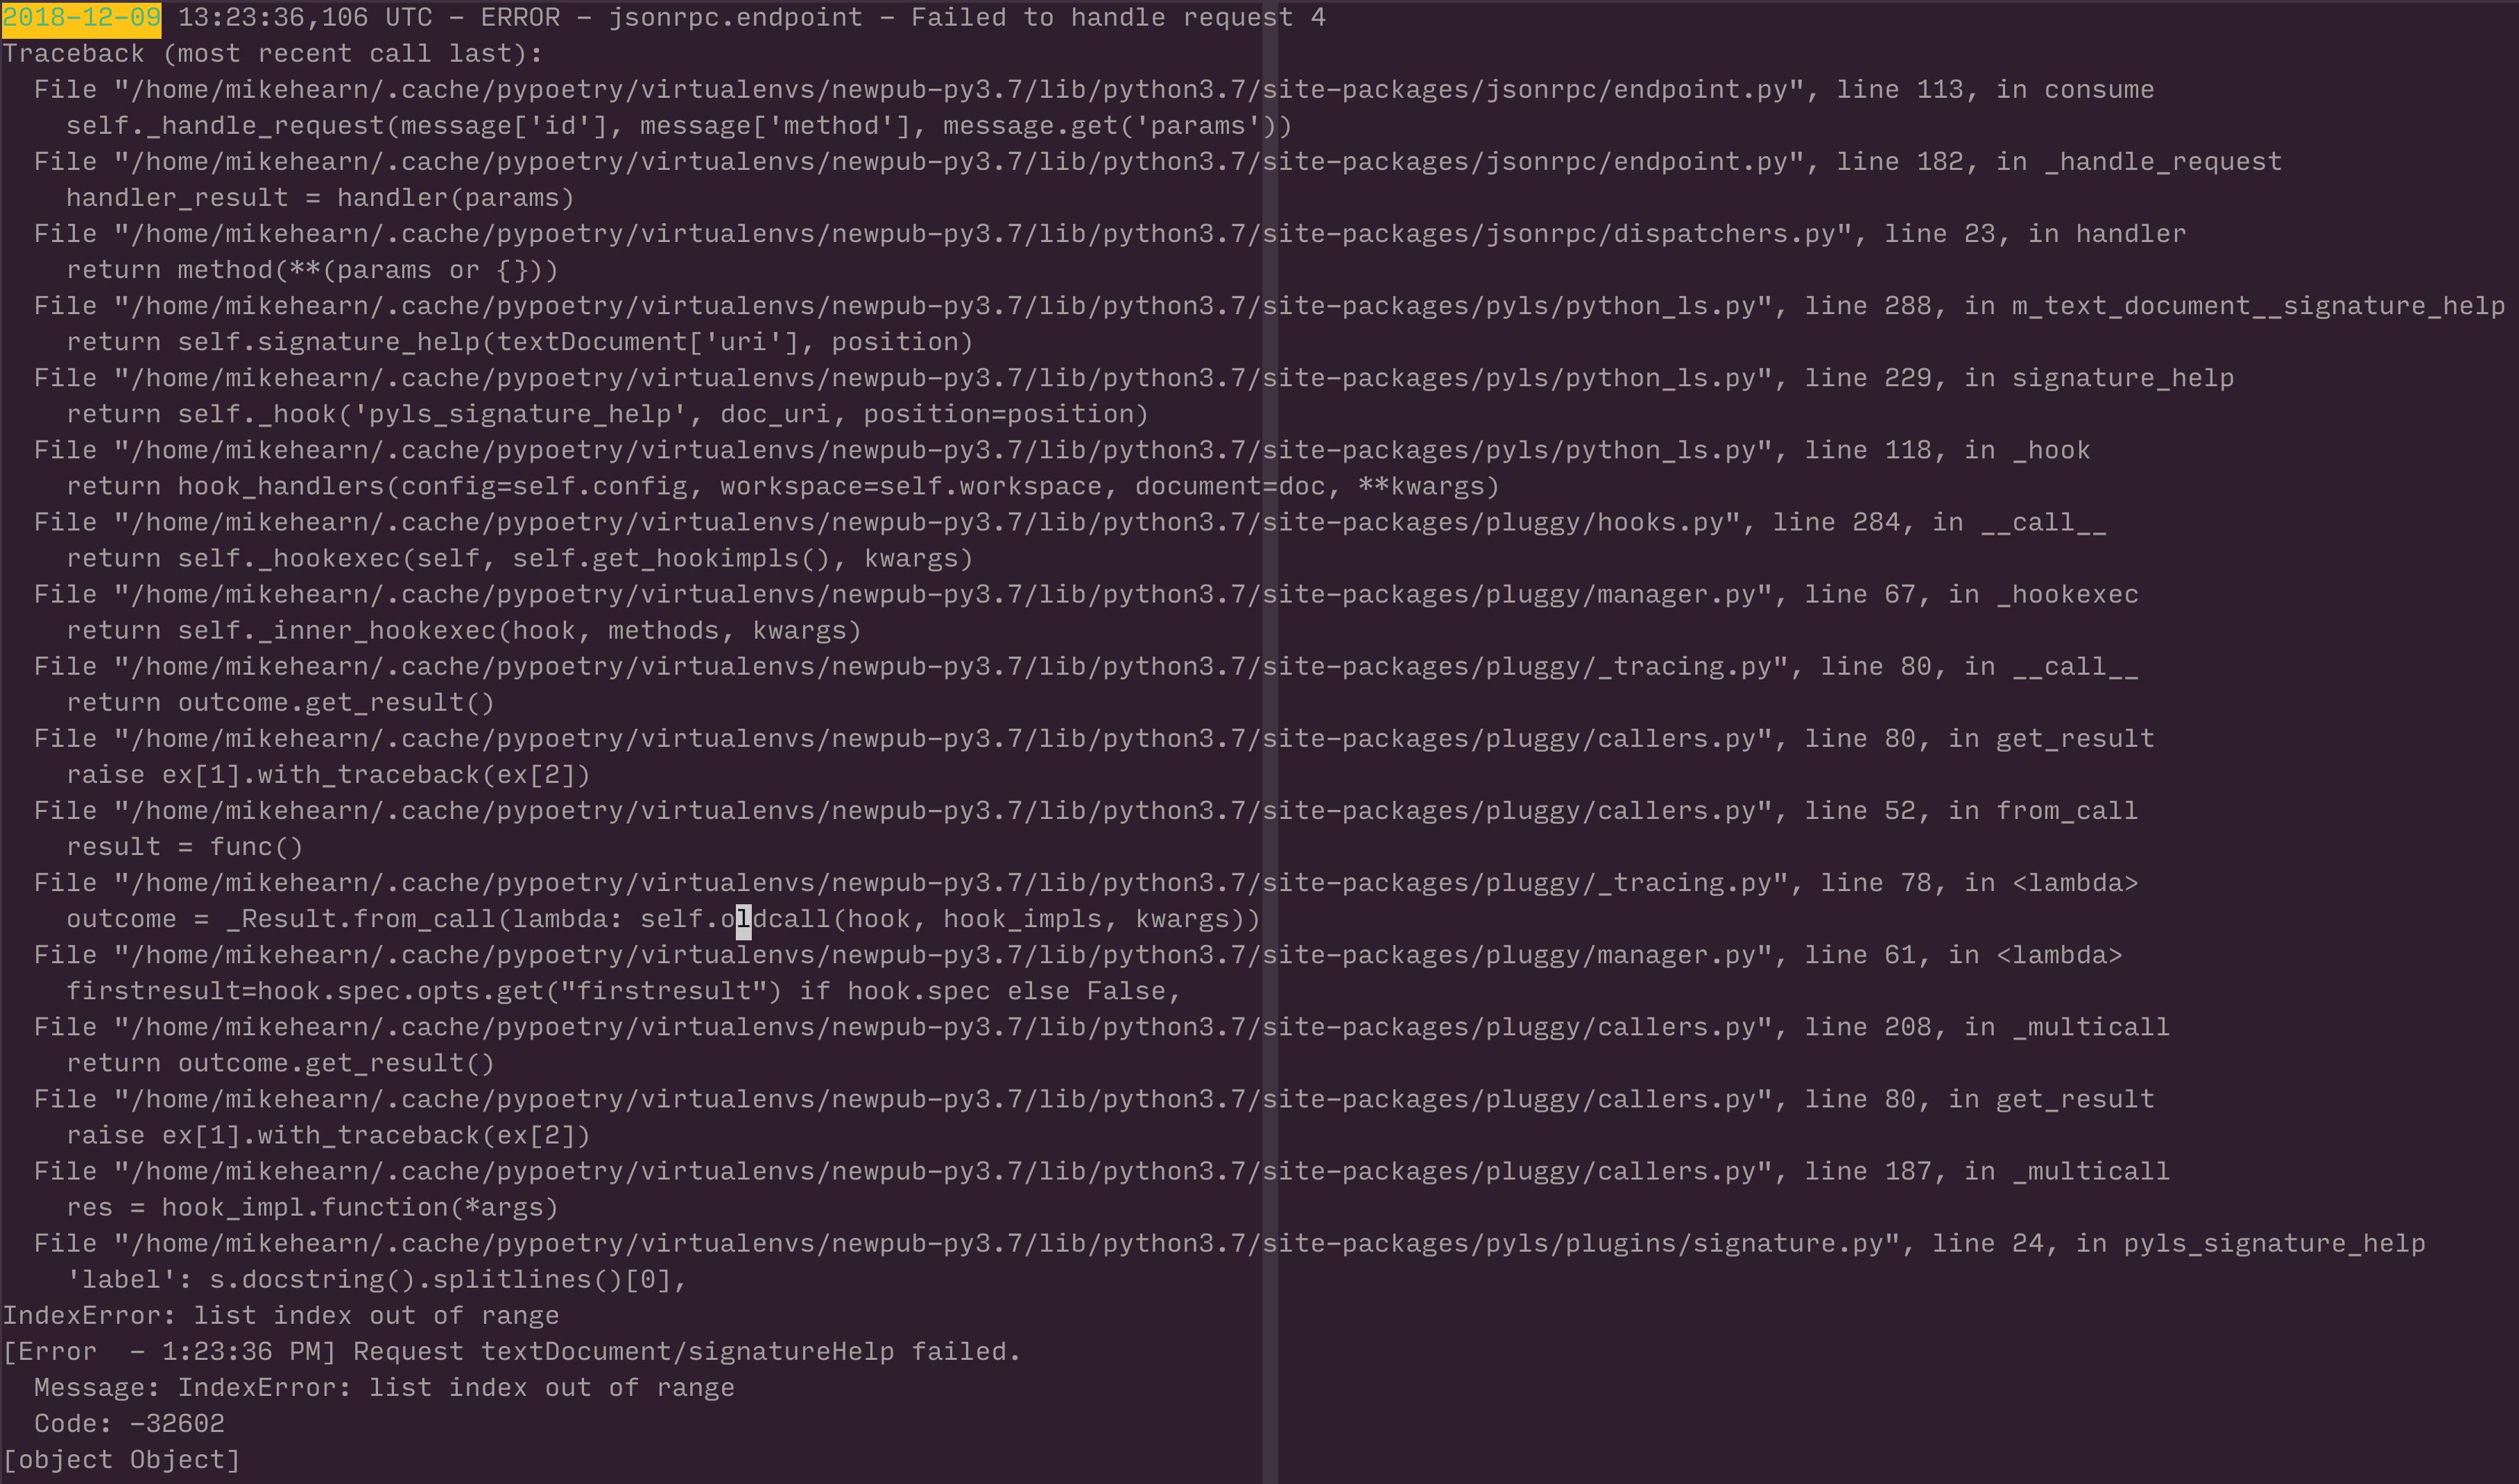 IndexError in signature py on textDocument/signatureHelp